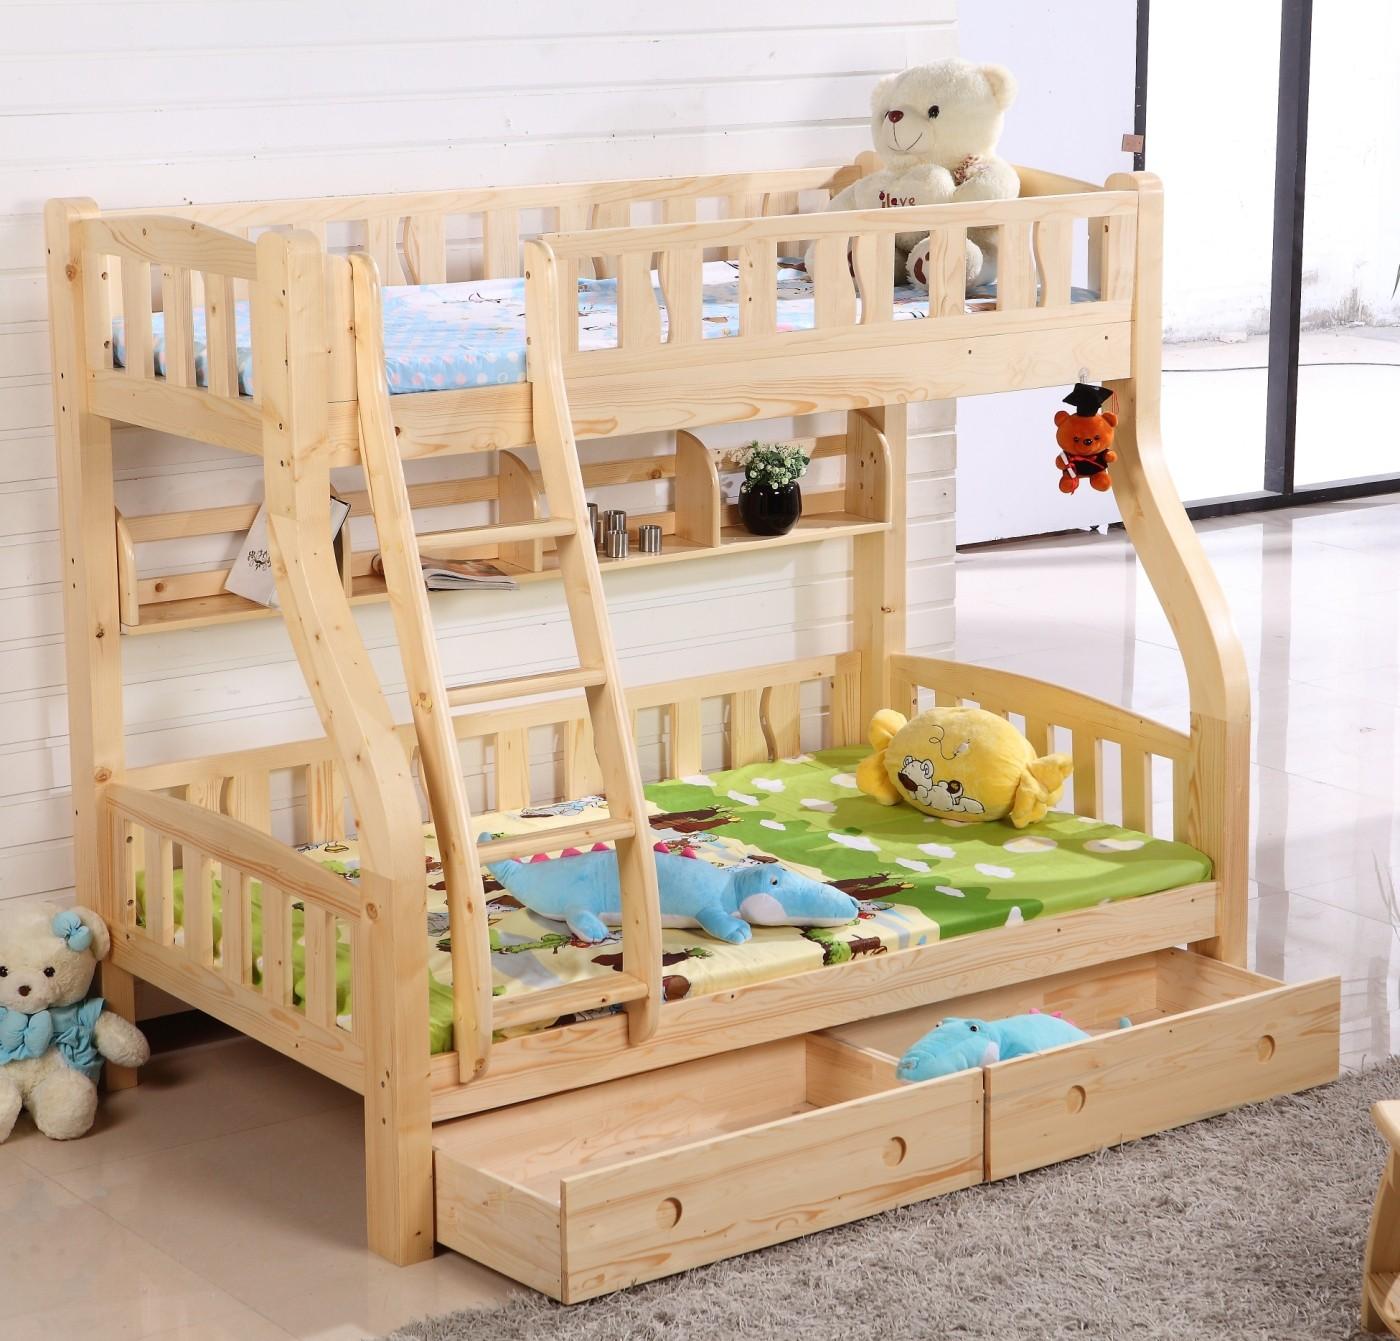 Finlandia, Pino doppio I Bambini a letto con un doppio livello di Guard - Rail di stoccaggio PRIMARIO e Secondario sotto il letto.